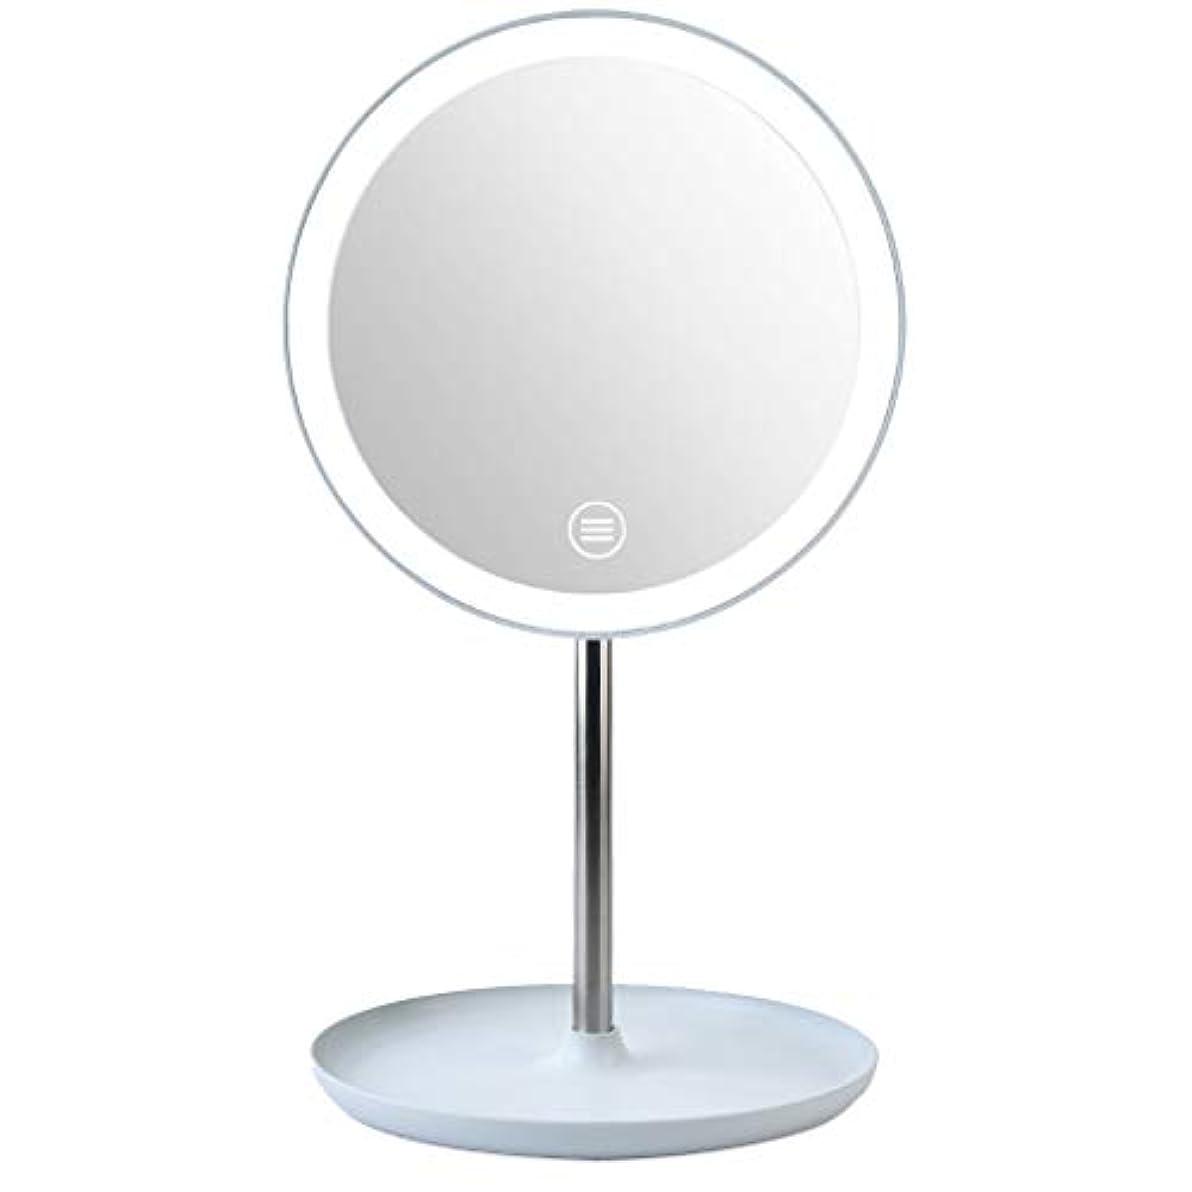 ナース寛容マラドロイトDream 化粧鏡 LED化粧鏡 化粧ミラー LEDライト付き 美容鏡 卓上鏡 浴室鏡 女優ミラー 3段階明るさ調節可能 180度回転 USB/電池給電 防水 円型 (ブルー)